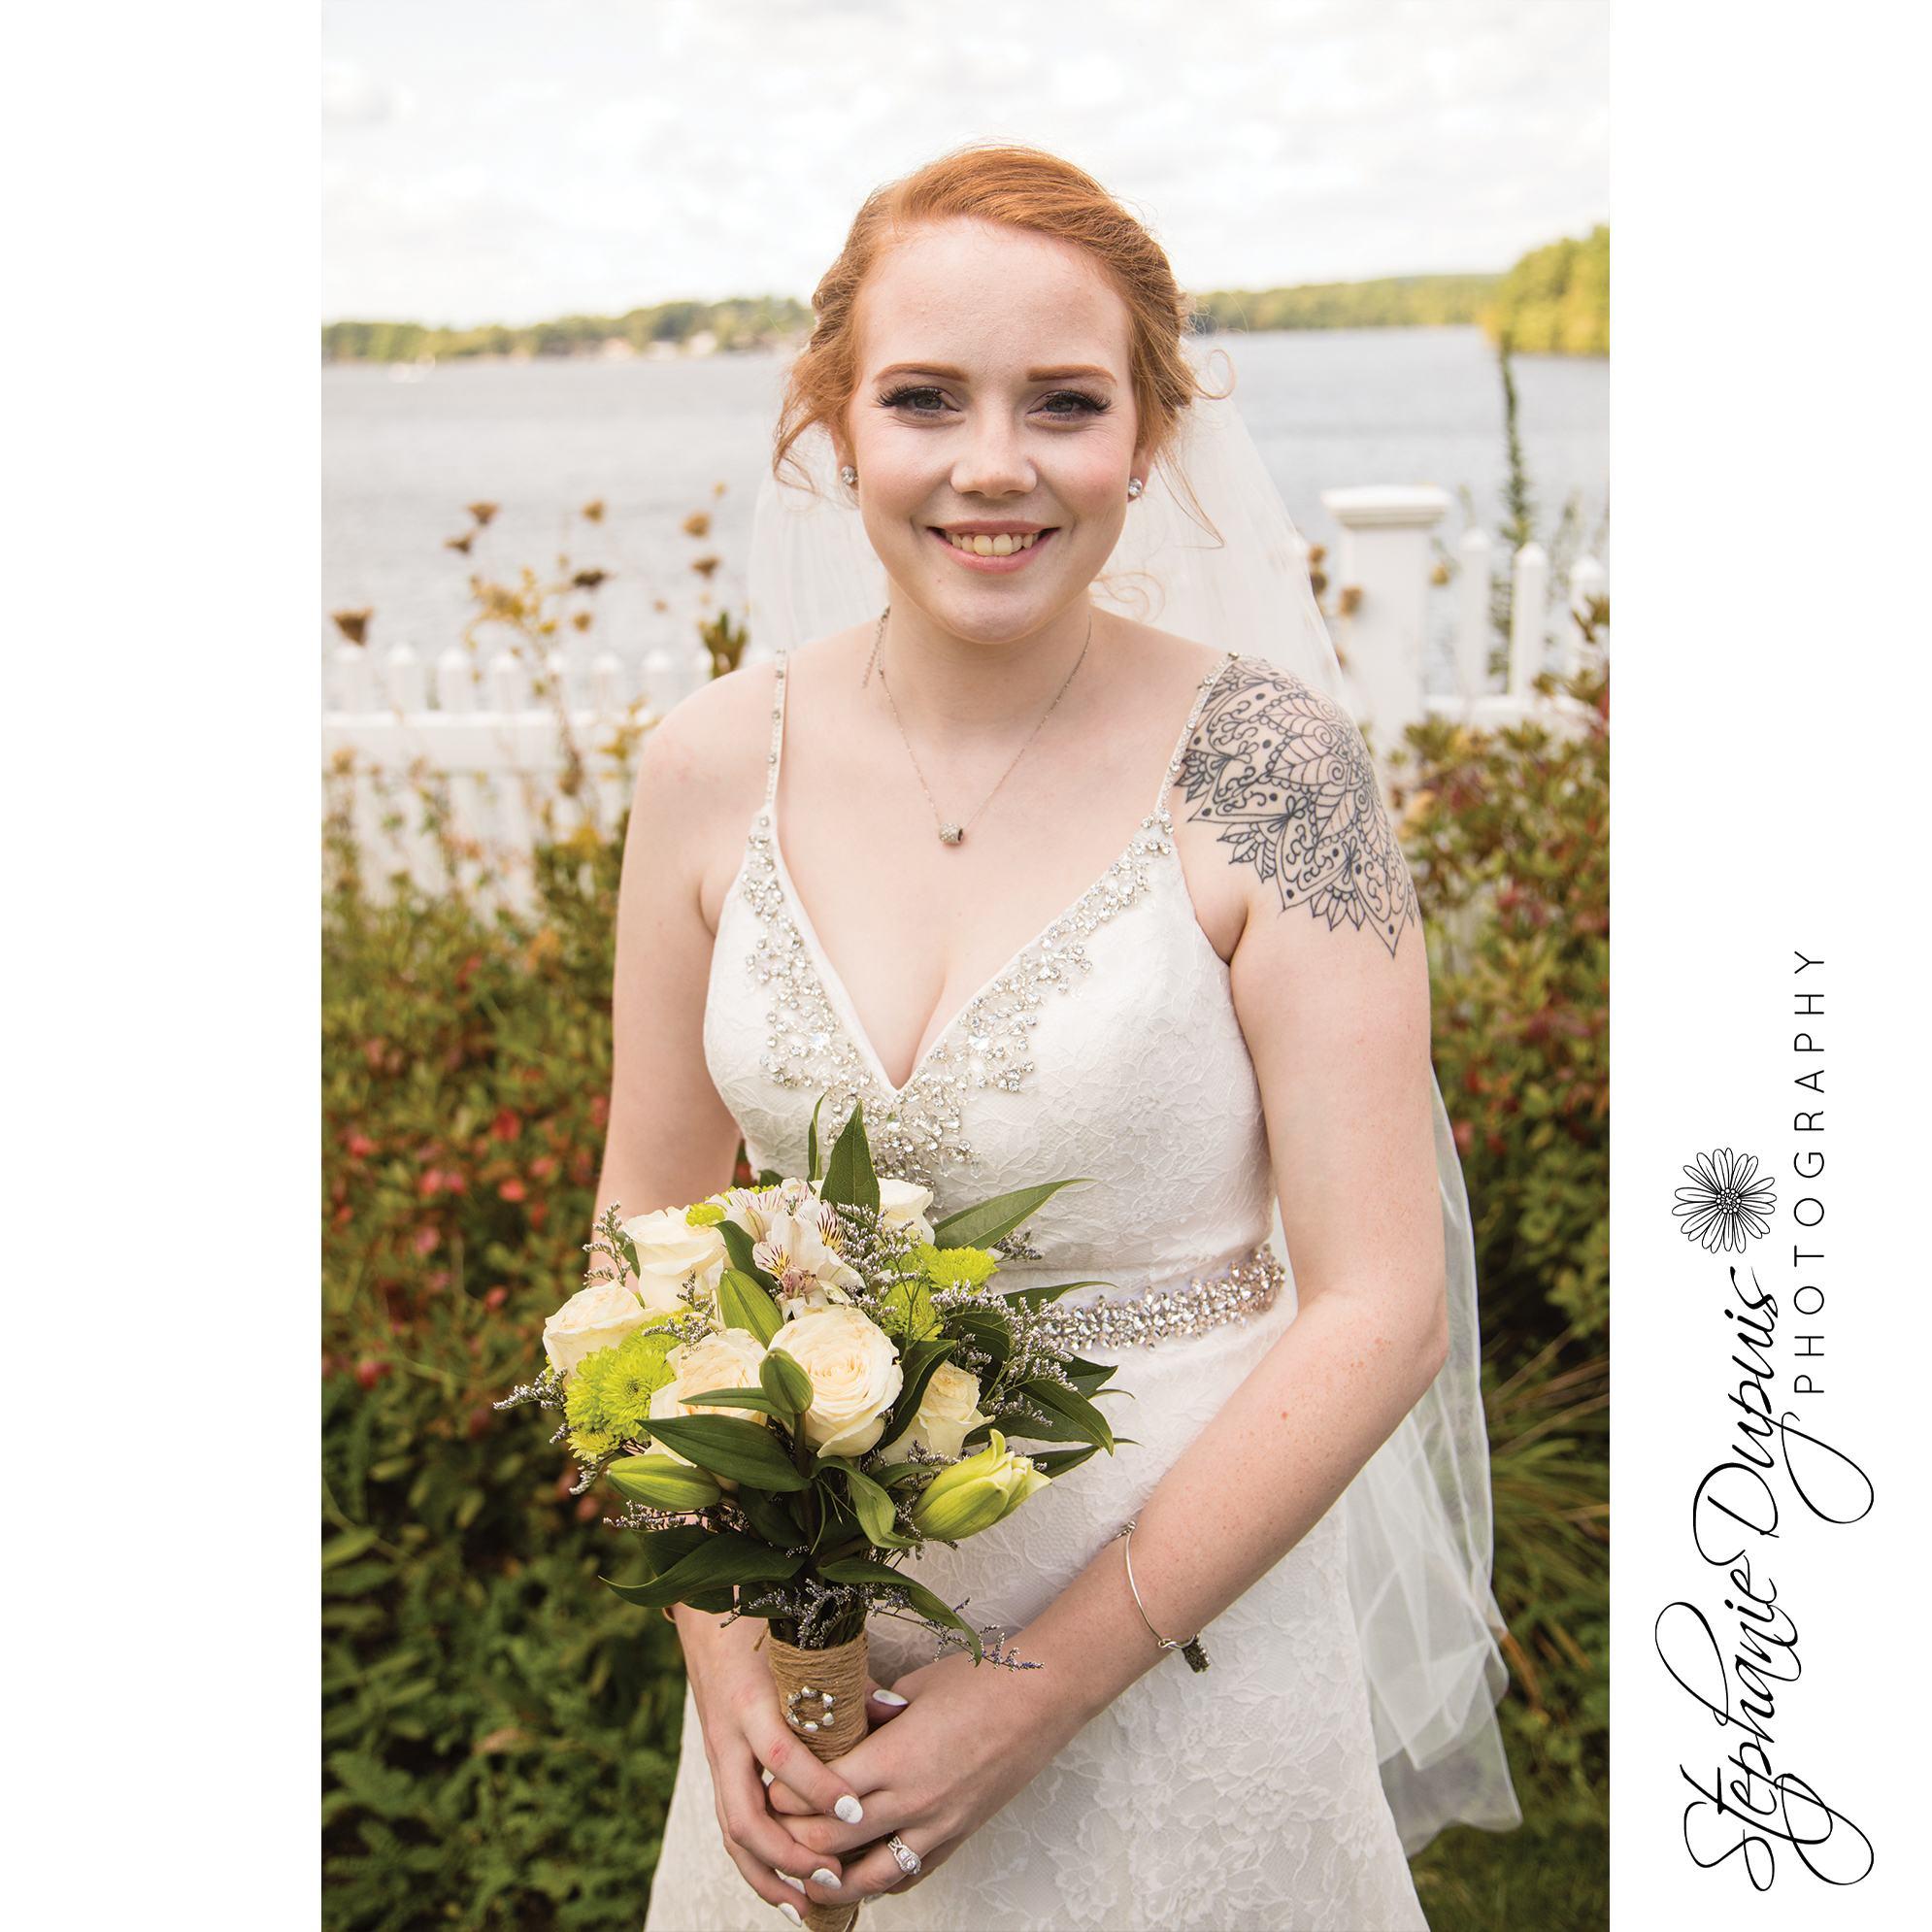 Gaffney 15 - Portfolio: Gaffney Wedding